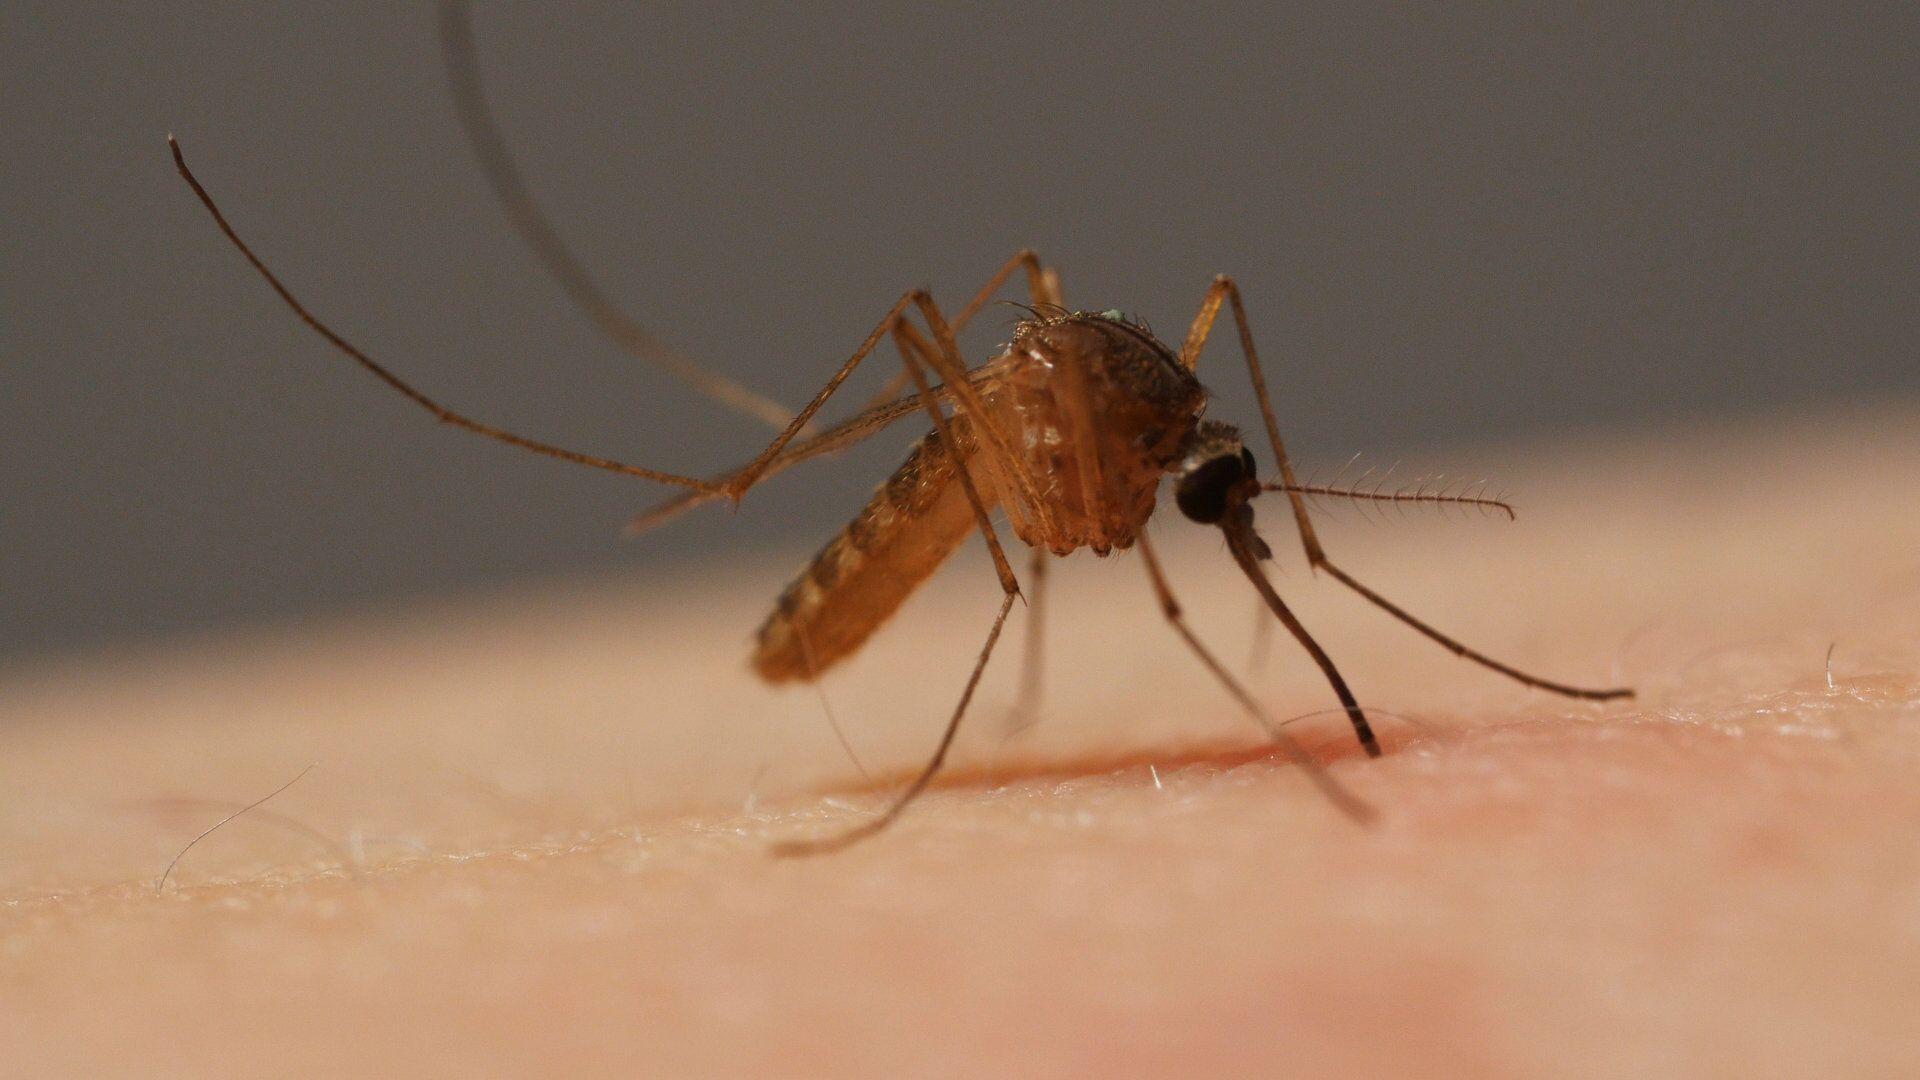 Комар впивается в кожу человека. - Sputnik Latvija, 1920, 23.05.2021